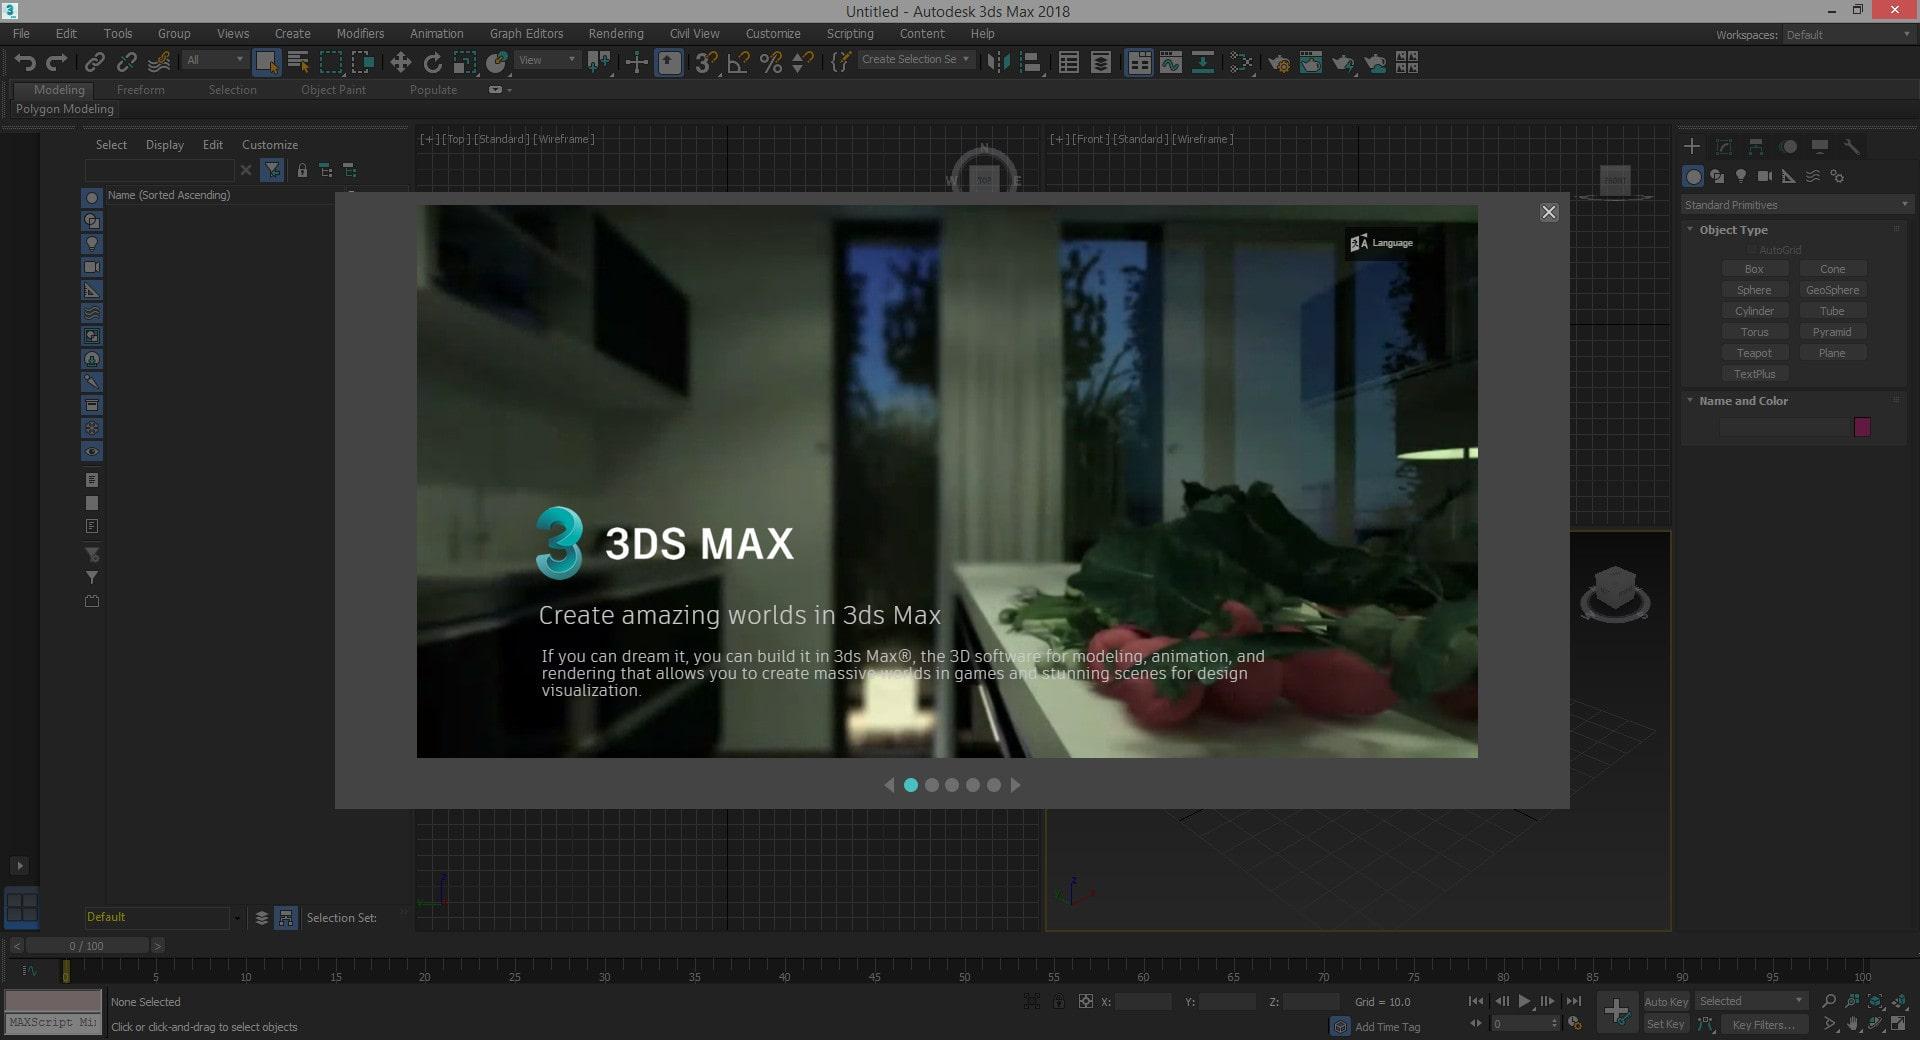 Стартовое окно программы 3Ds Max 2019